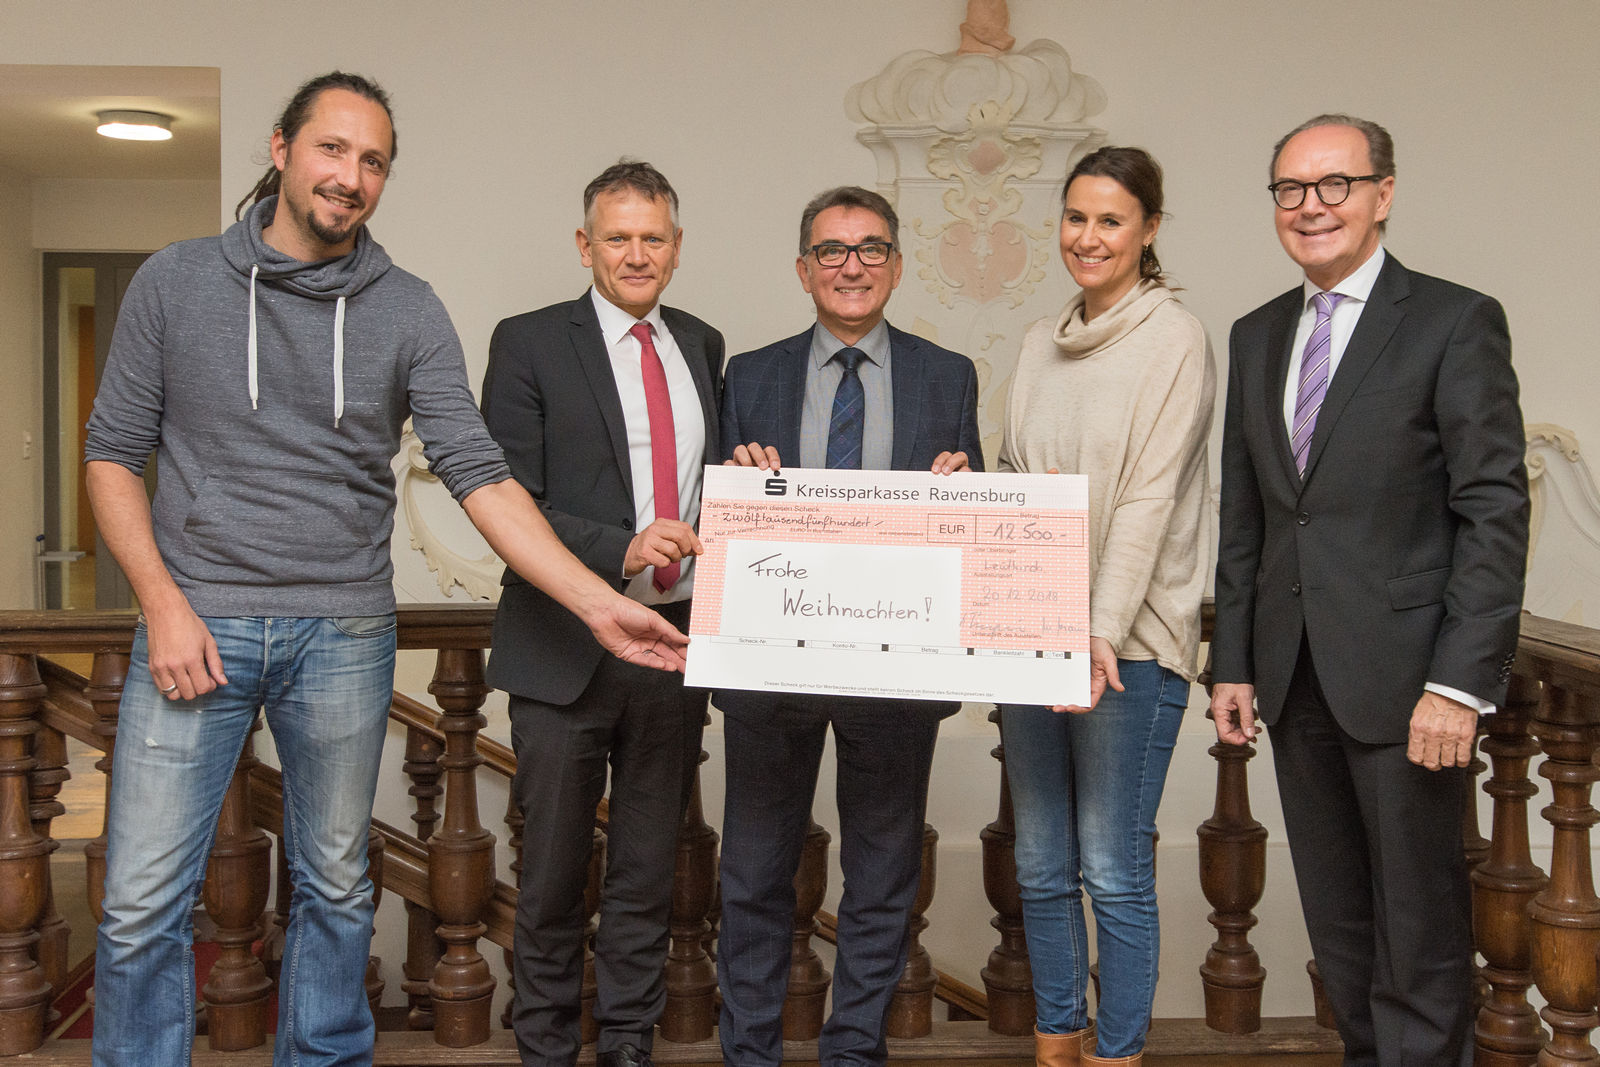 Walter Braun (Mitte) und Heinz Pumpmeier (rechts) überbringen einen Spendenscheck, verbunden mit Weihnachtswünschen. Darüber freuen sich (von links) Dietmar Müller, OB Hans-Jörg Henle und Carmen Scheich.